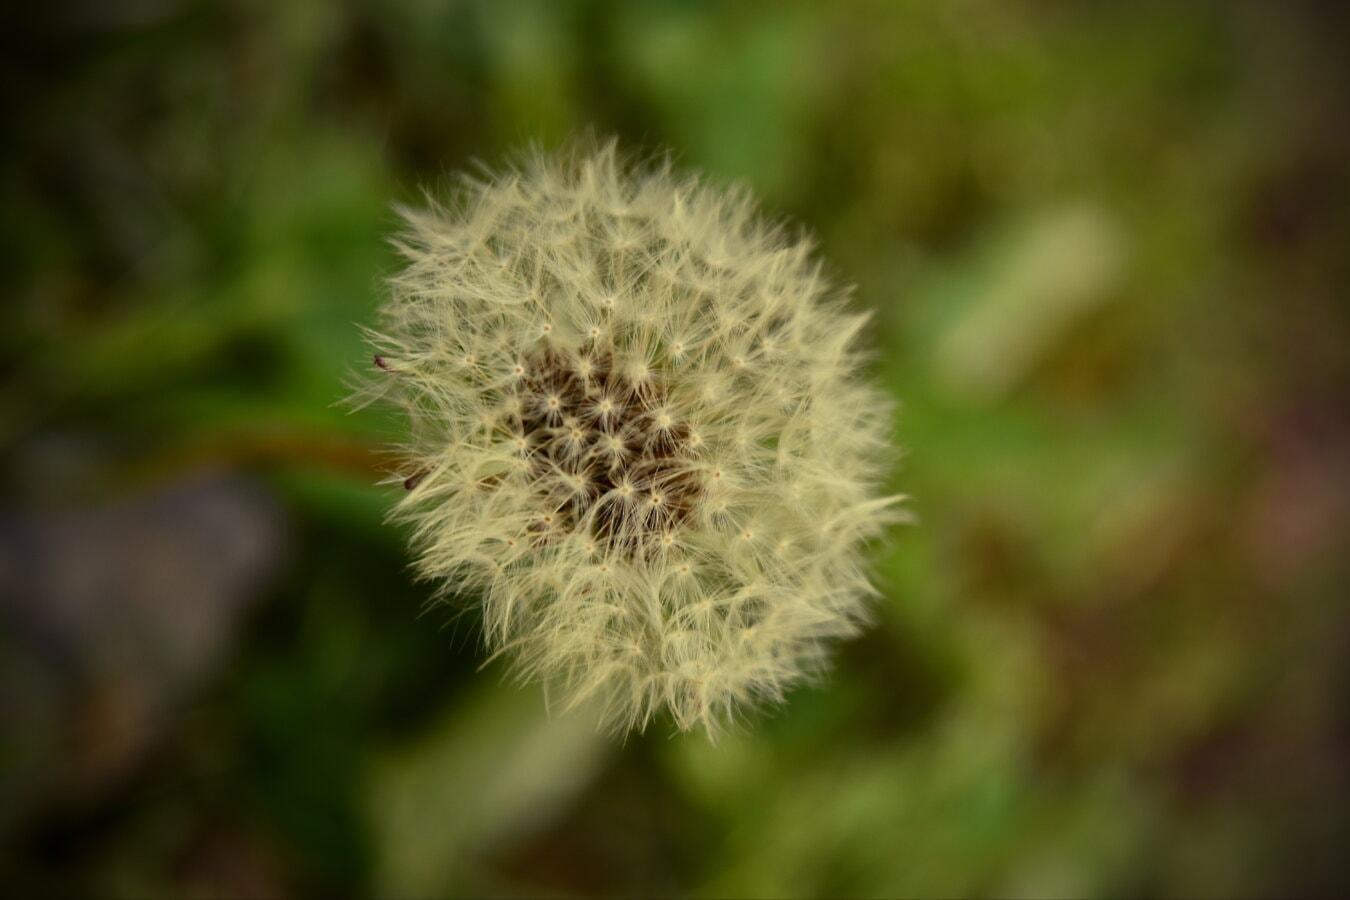 yakın, karahindiba, tohum, doğa, çiçek, ot, bitki, ot, çimen, açık havada